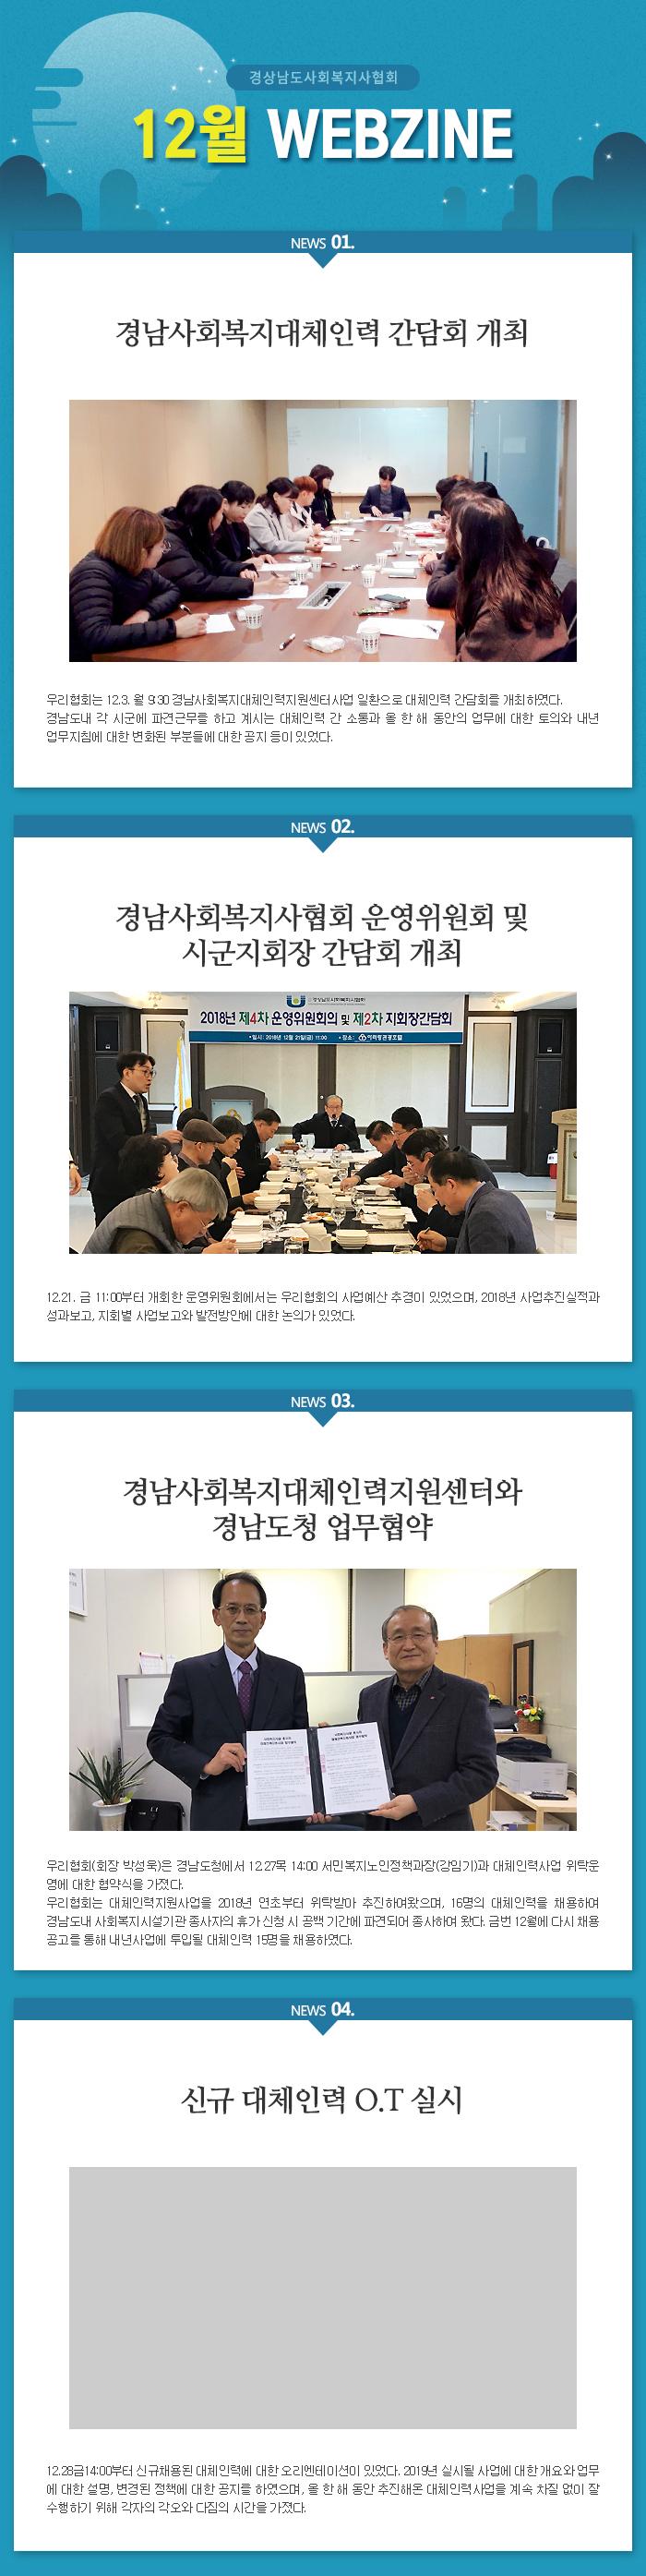 webzine201812_01.jpg